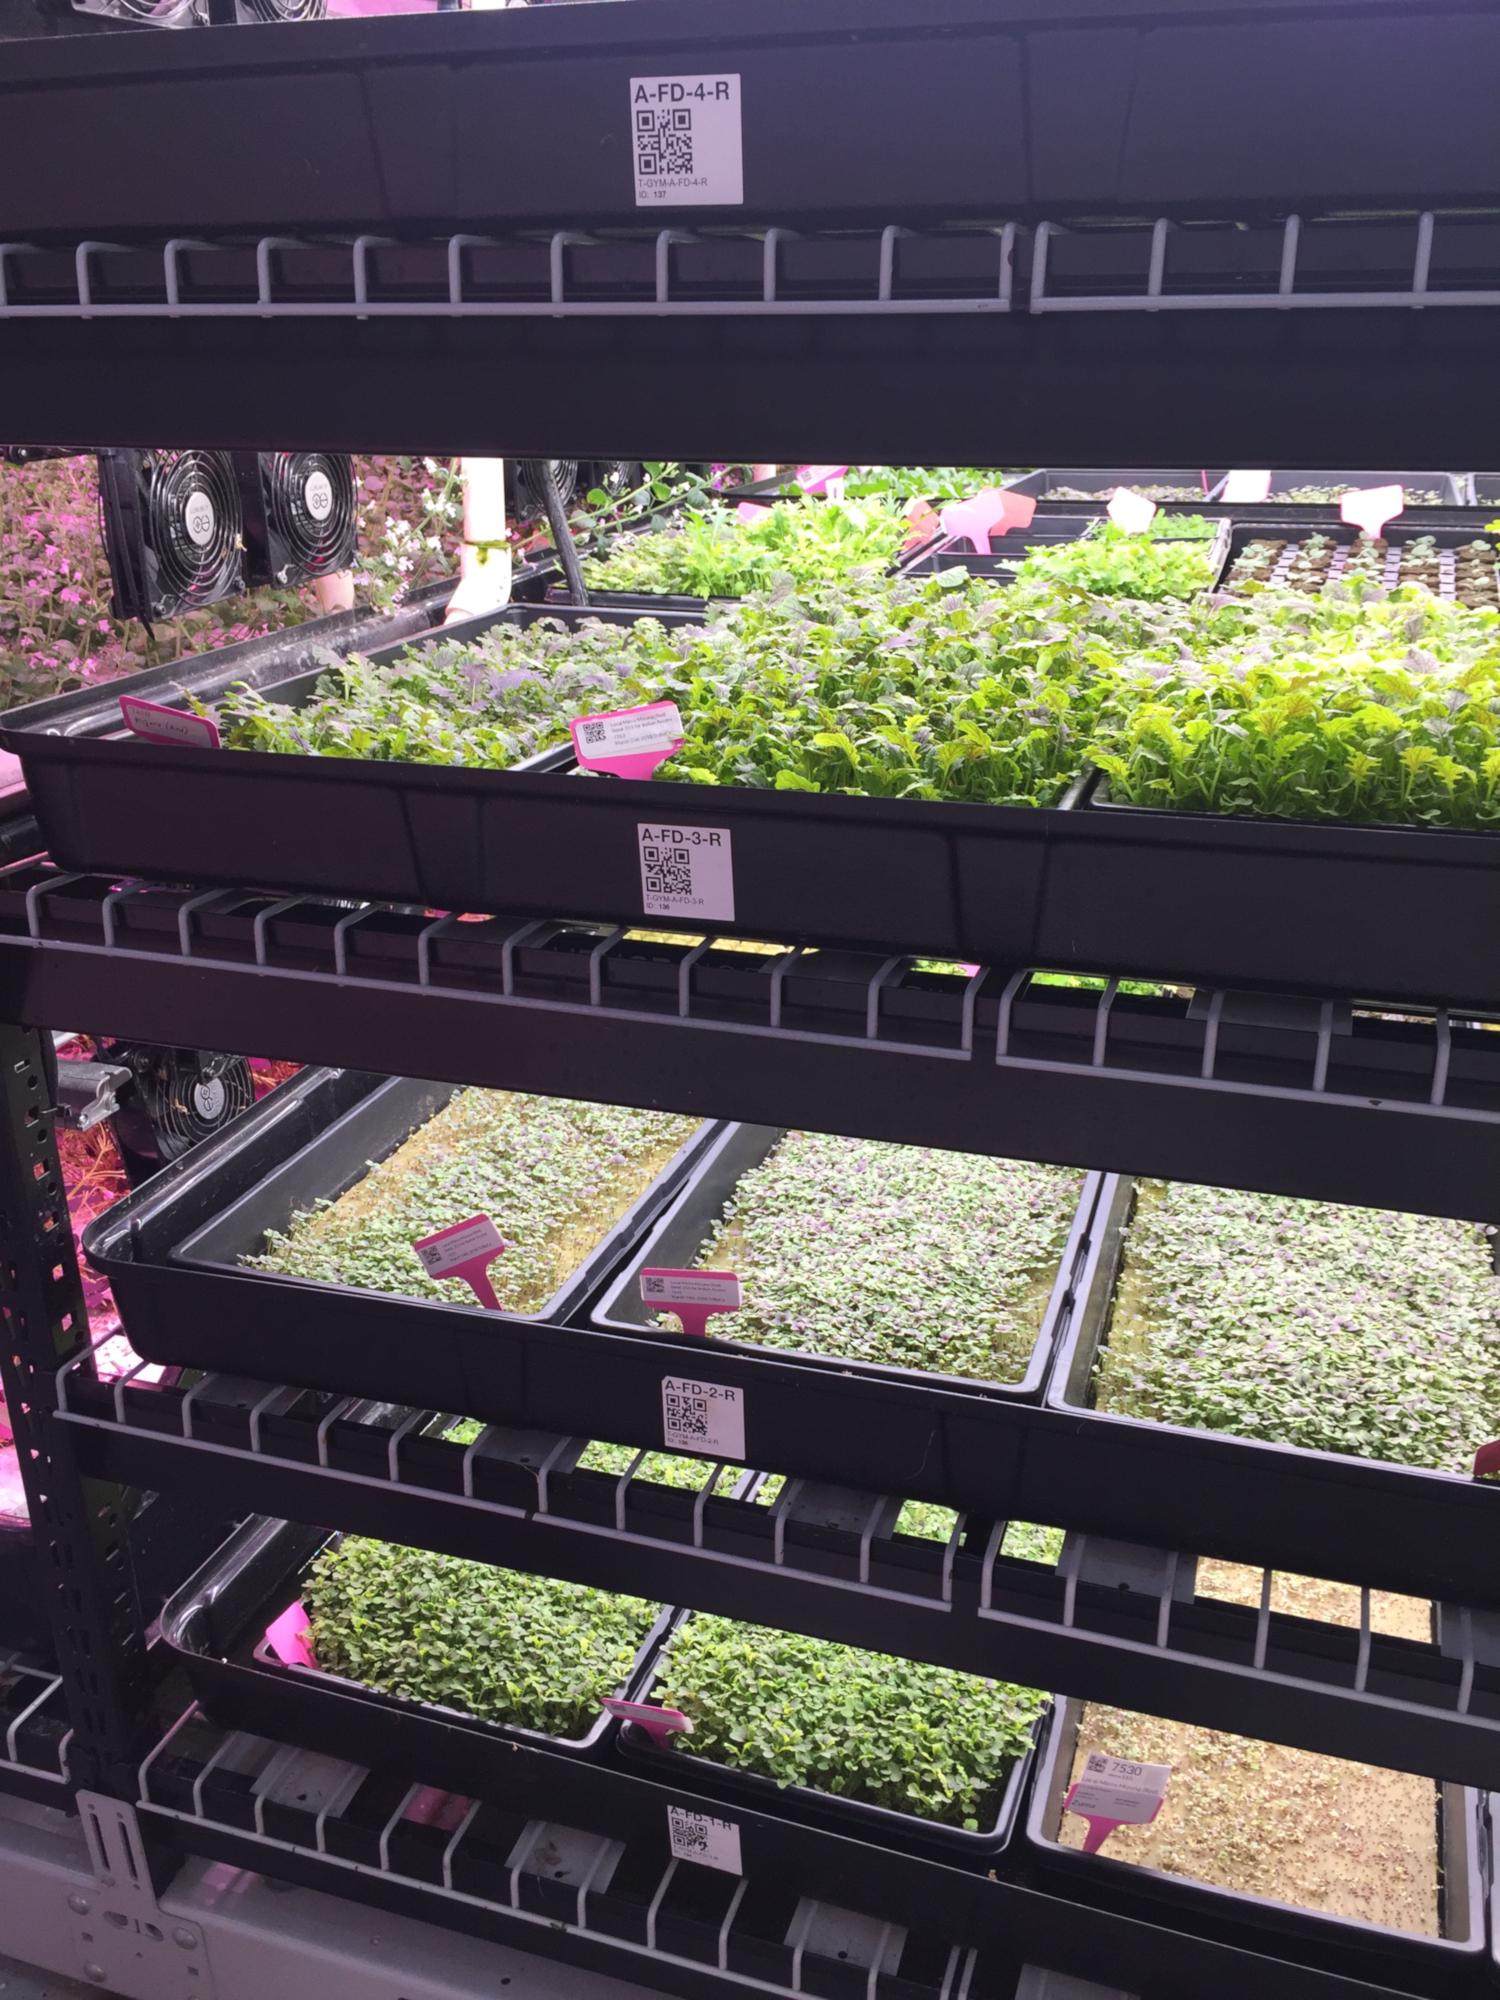 La ferme urbaine FarmOne à New York (crédits: ACME / Flickr Creative Commons Attribution - Pas d'Utilisation Commerciale 2.0 Générique (CC BY-NC 2.0))